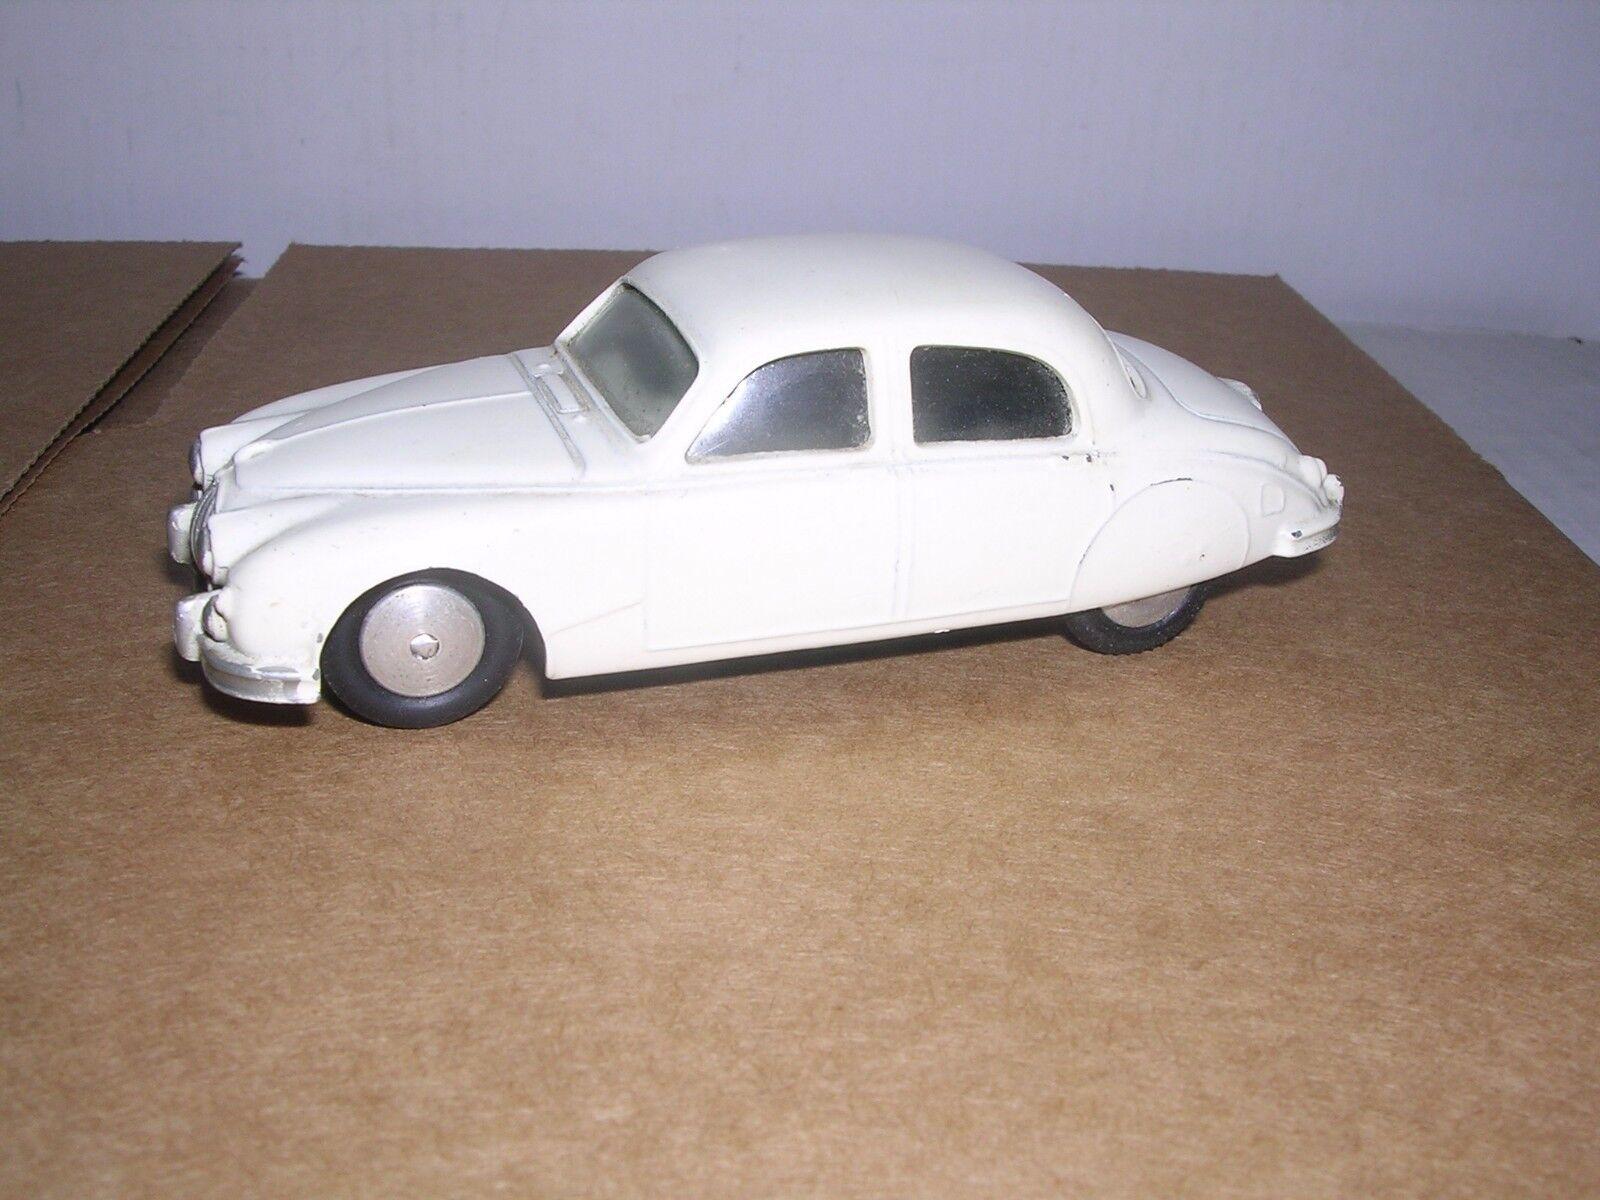 CORGI TOYS  Jaguar 2.4 Litre Sedan  White  Built-up  O Scale 1 43